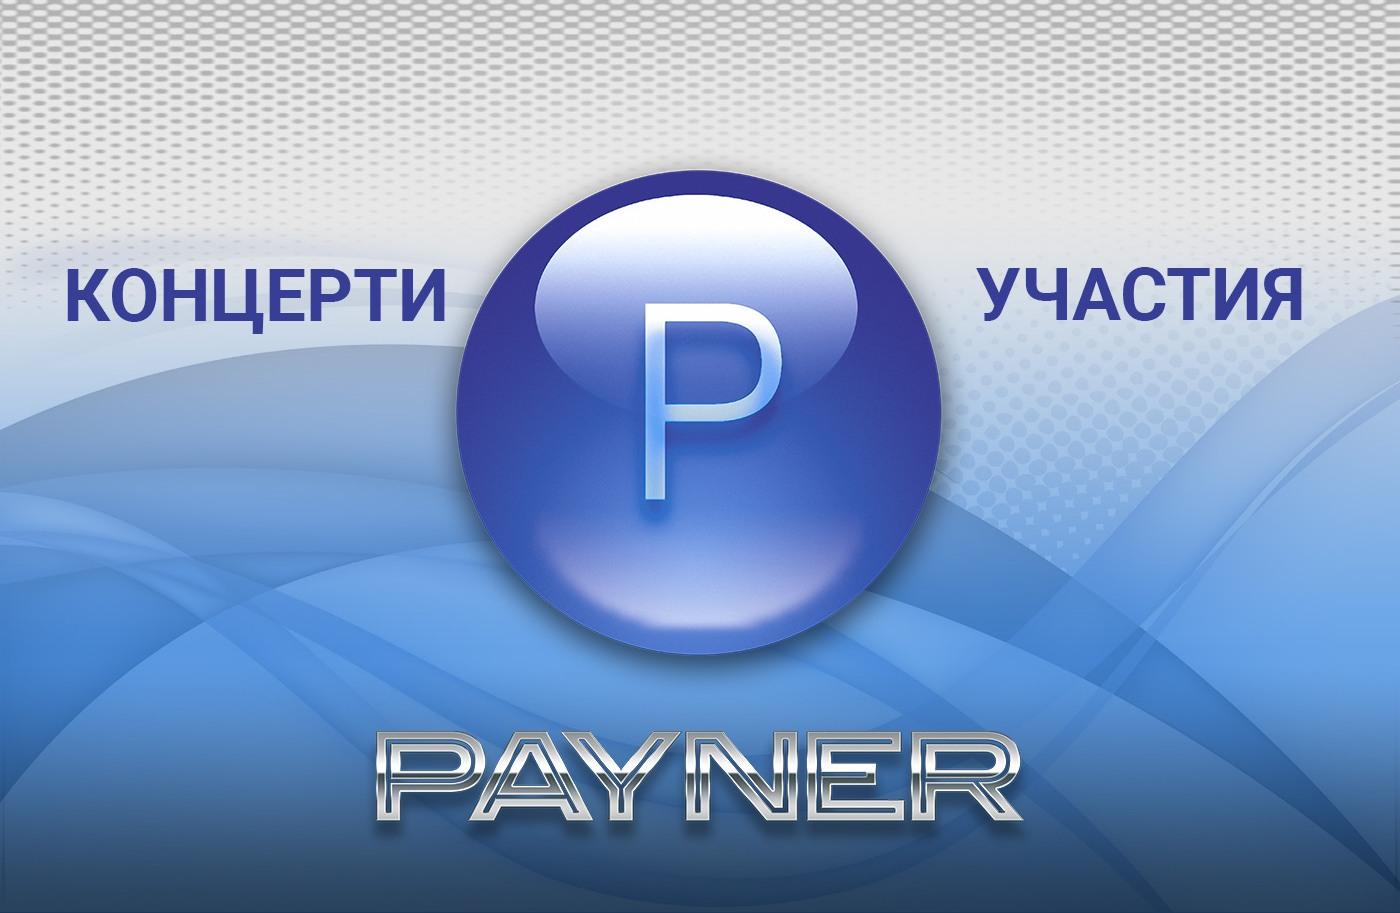 """Участия на звездите на """"Пайнер"""" на 15.10.2018"""